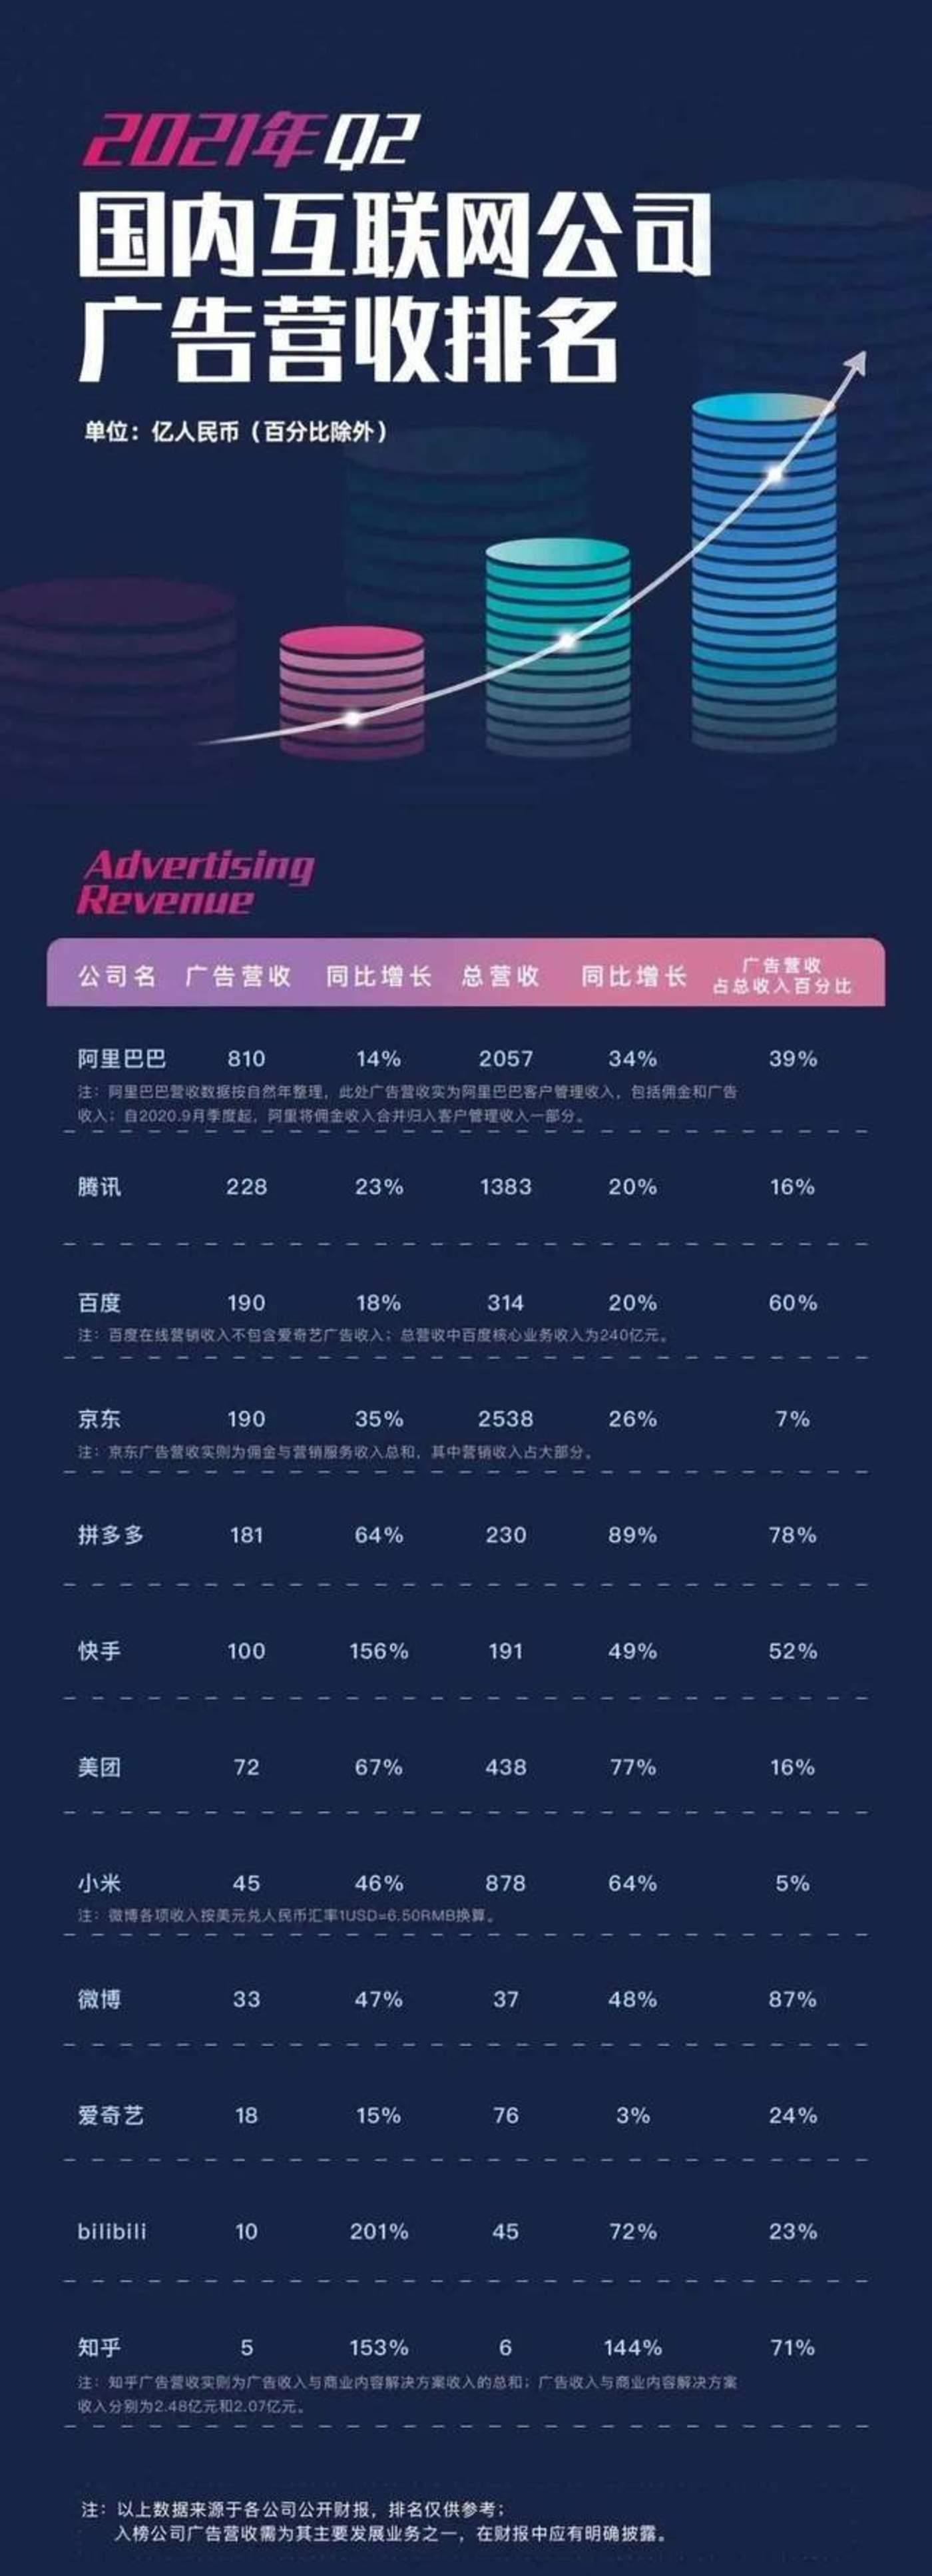 ▲TopMarketing统计的2021Q2国内互联网公司广告营收Top12